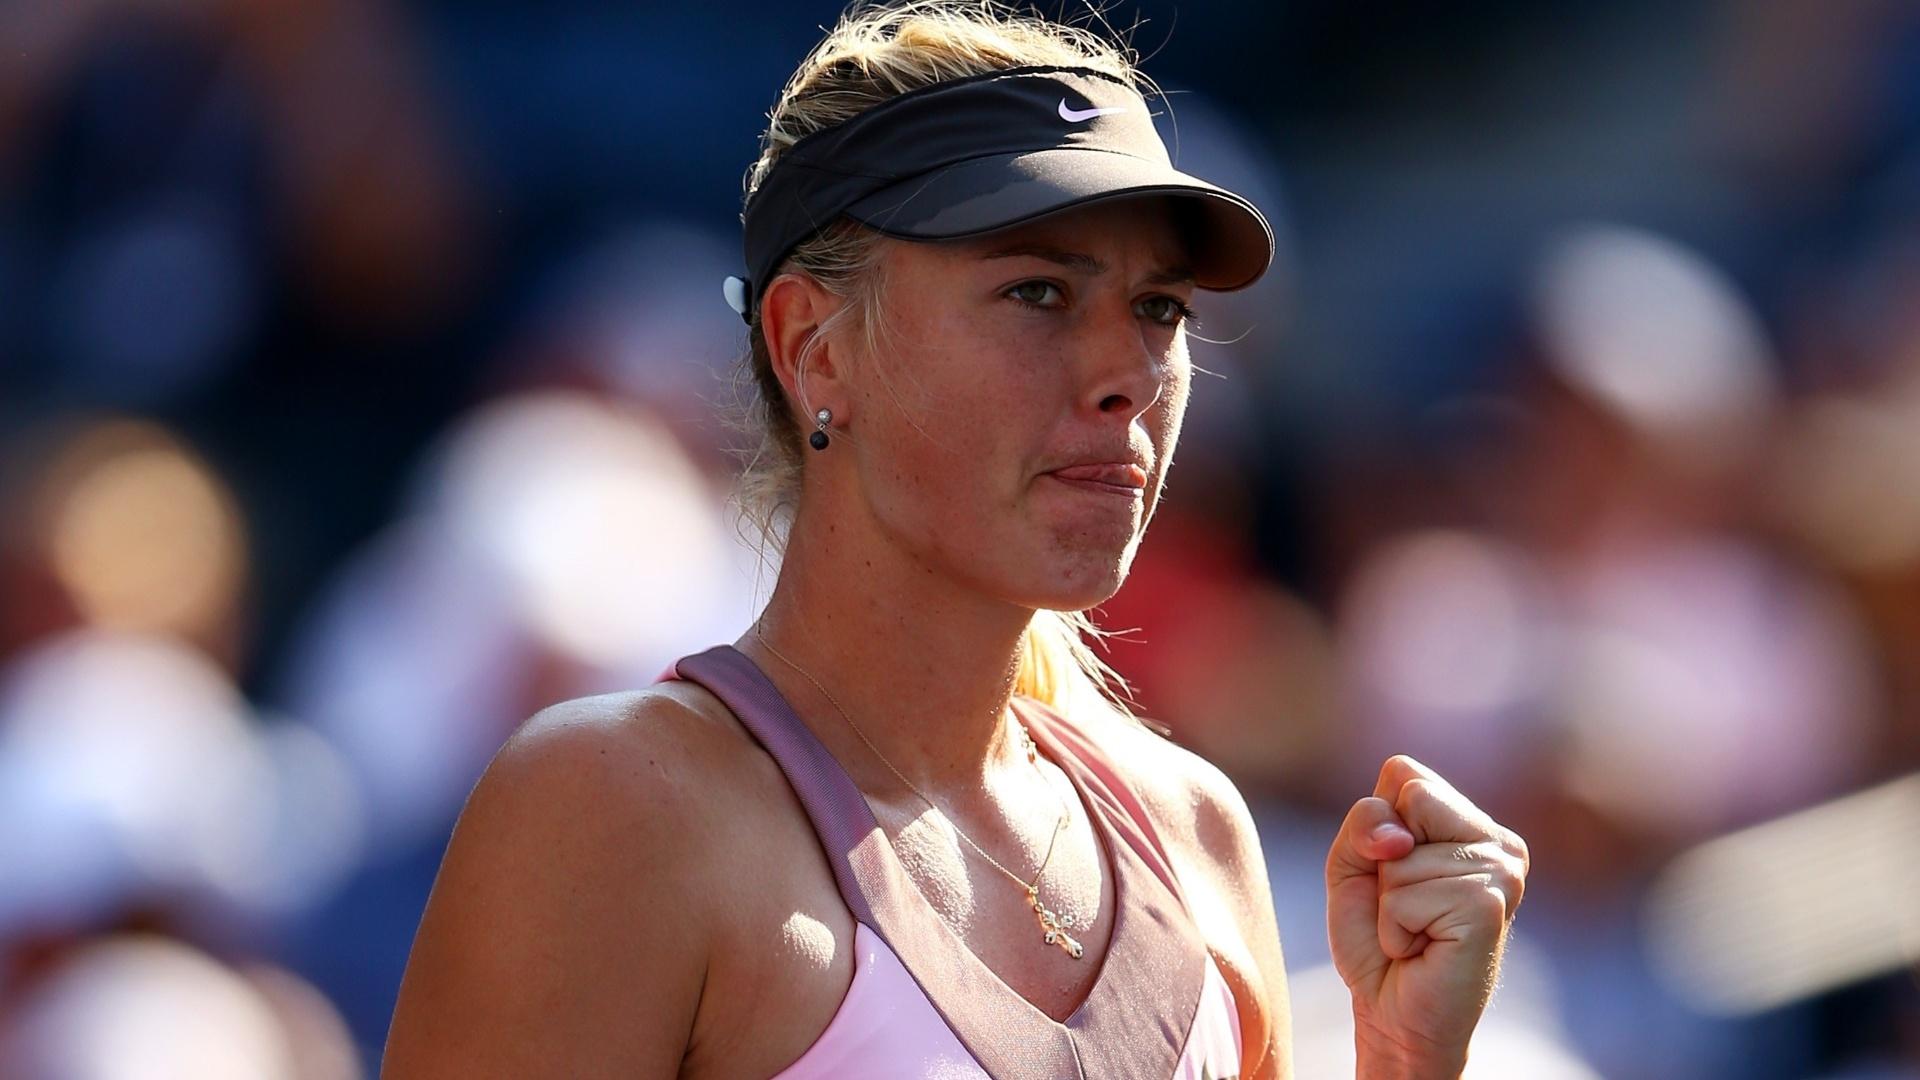 Maria Sharapova vibra com ponto conquistado na tranquila vitória sobre Mallory Burdette no Aberto dos EUA